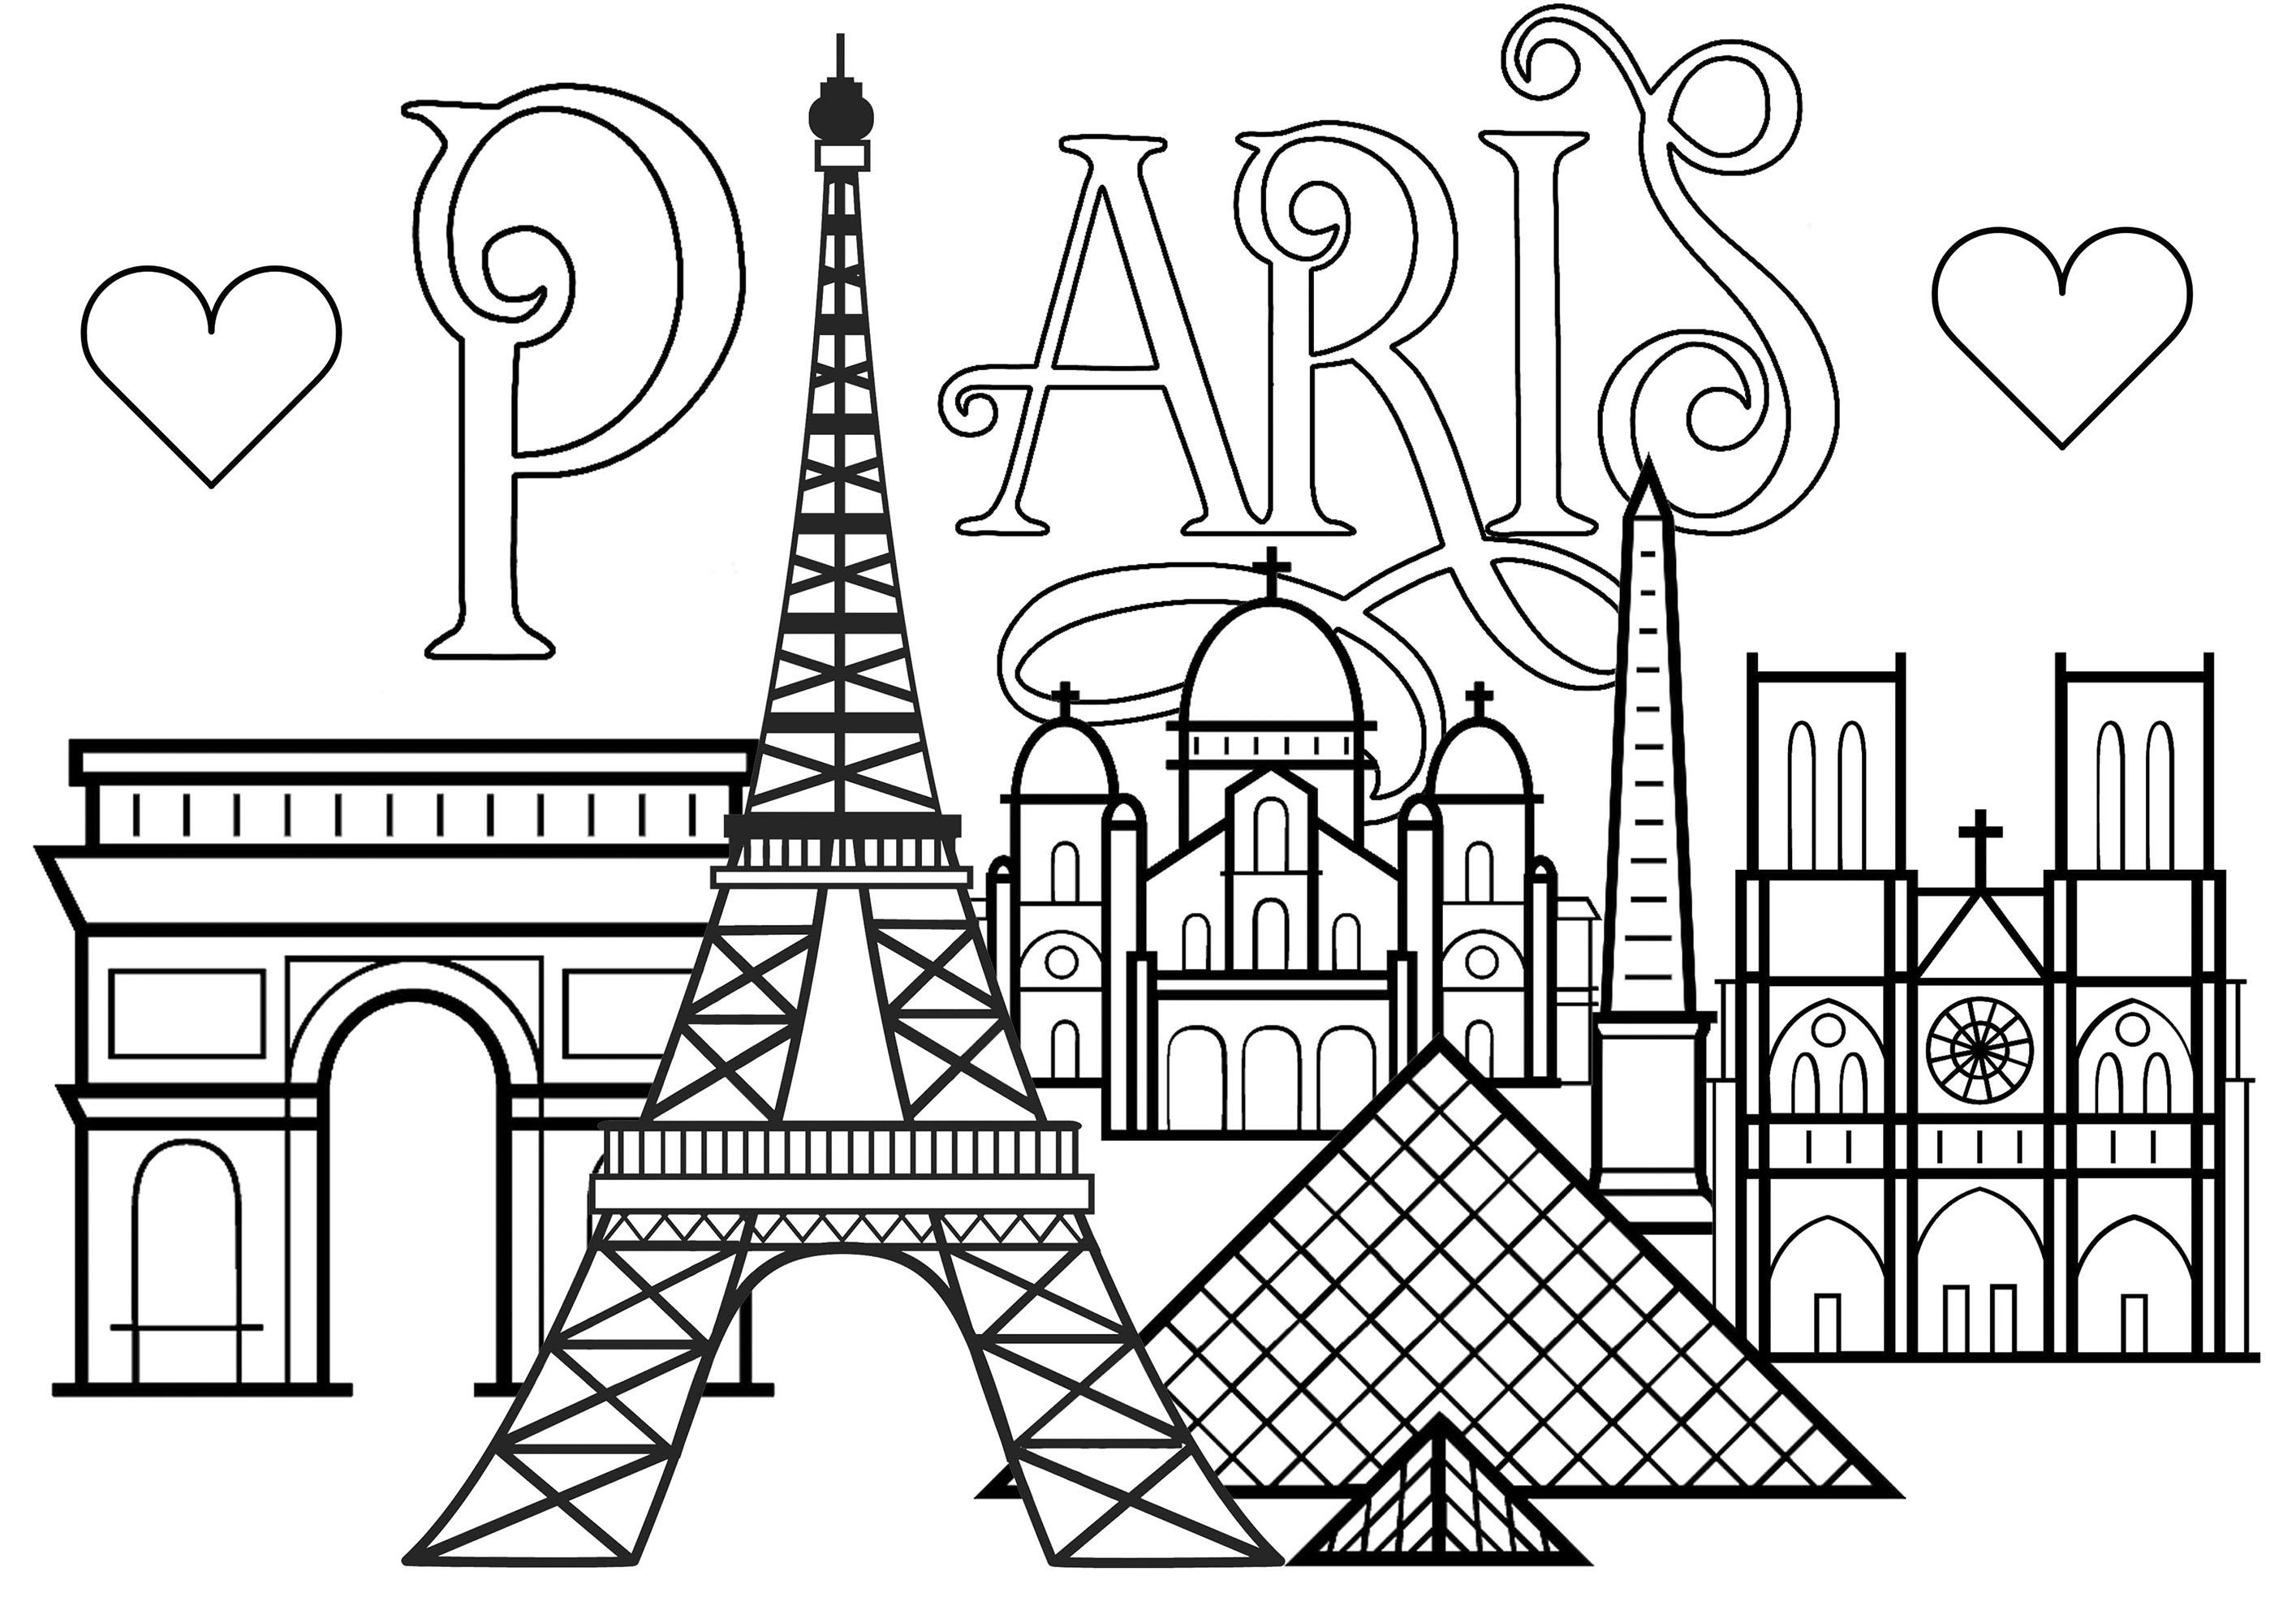 Texte 'Paris' avec coeurs, et monuments de Paris : Tour Eiffel, Arc de triomphe, Cathédrale de Notre Dame de Paris, Pyramide du Louvre et Basilique du Sacré-Cœur